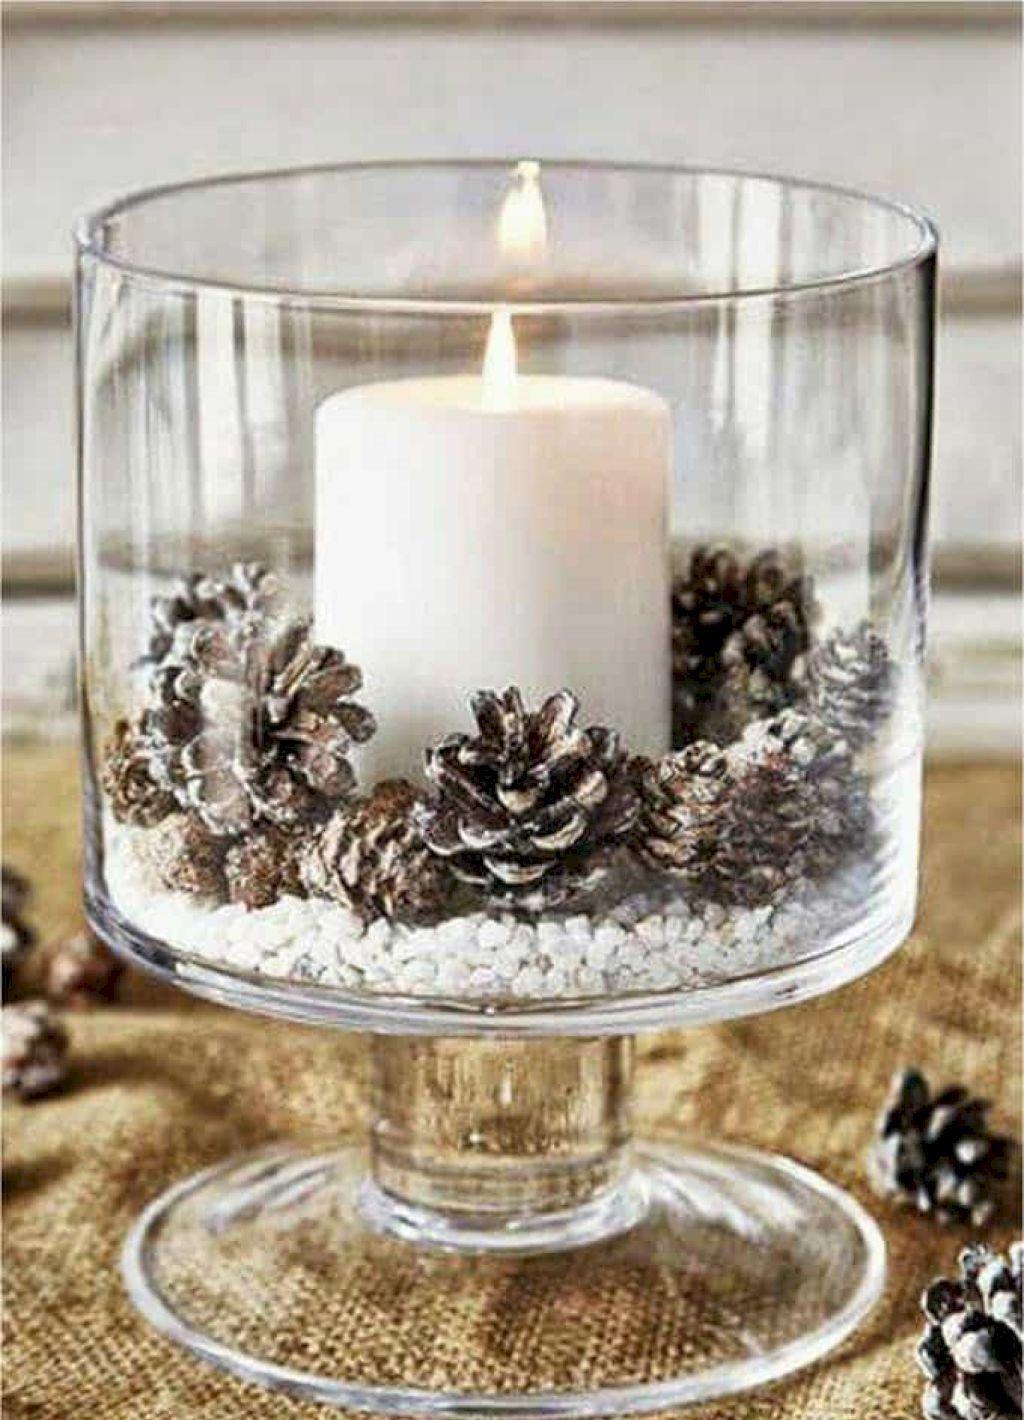 Lovely Die Kälte Nähert Sich Langsam Unserem Land   Der Gemütliche Winter Steht  Schon Fast Vor Der Tür! 15 Schöne Warme Winter Deko Ideen!